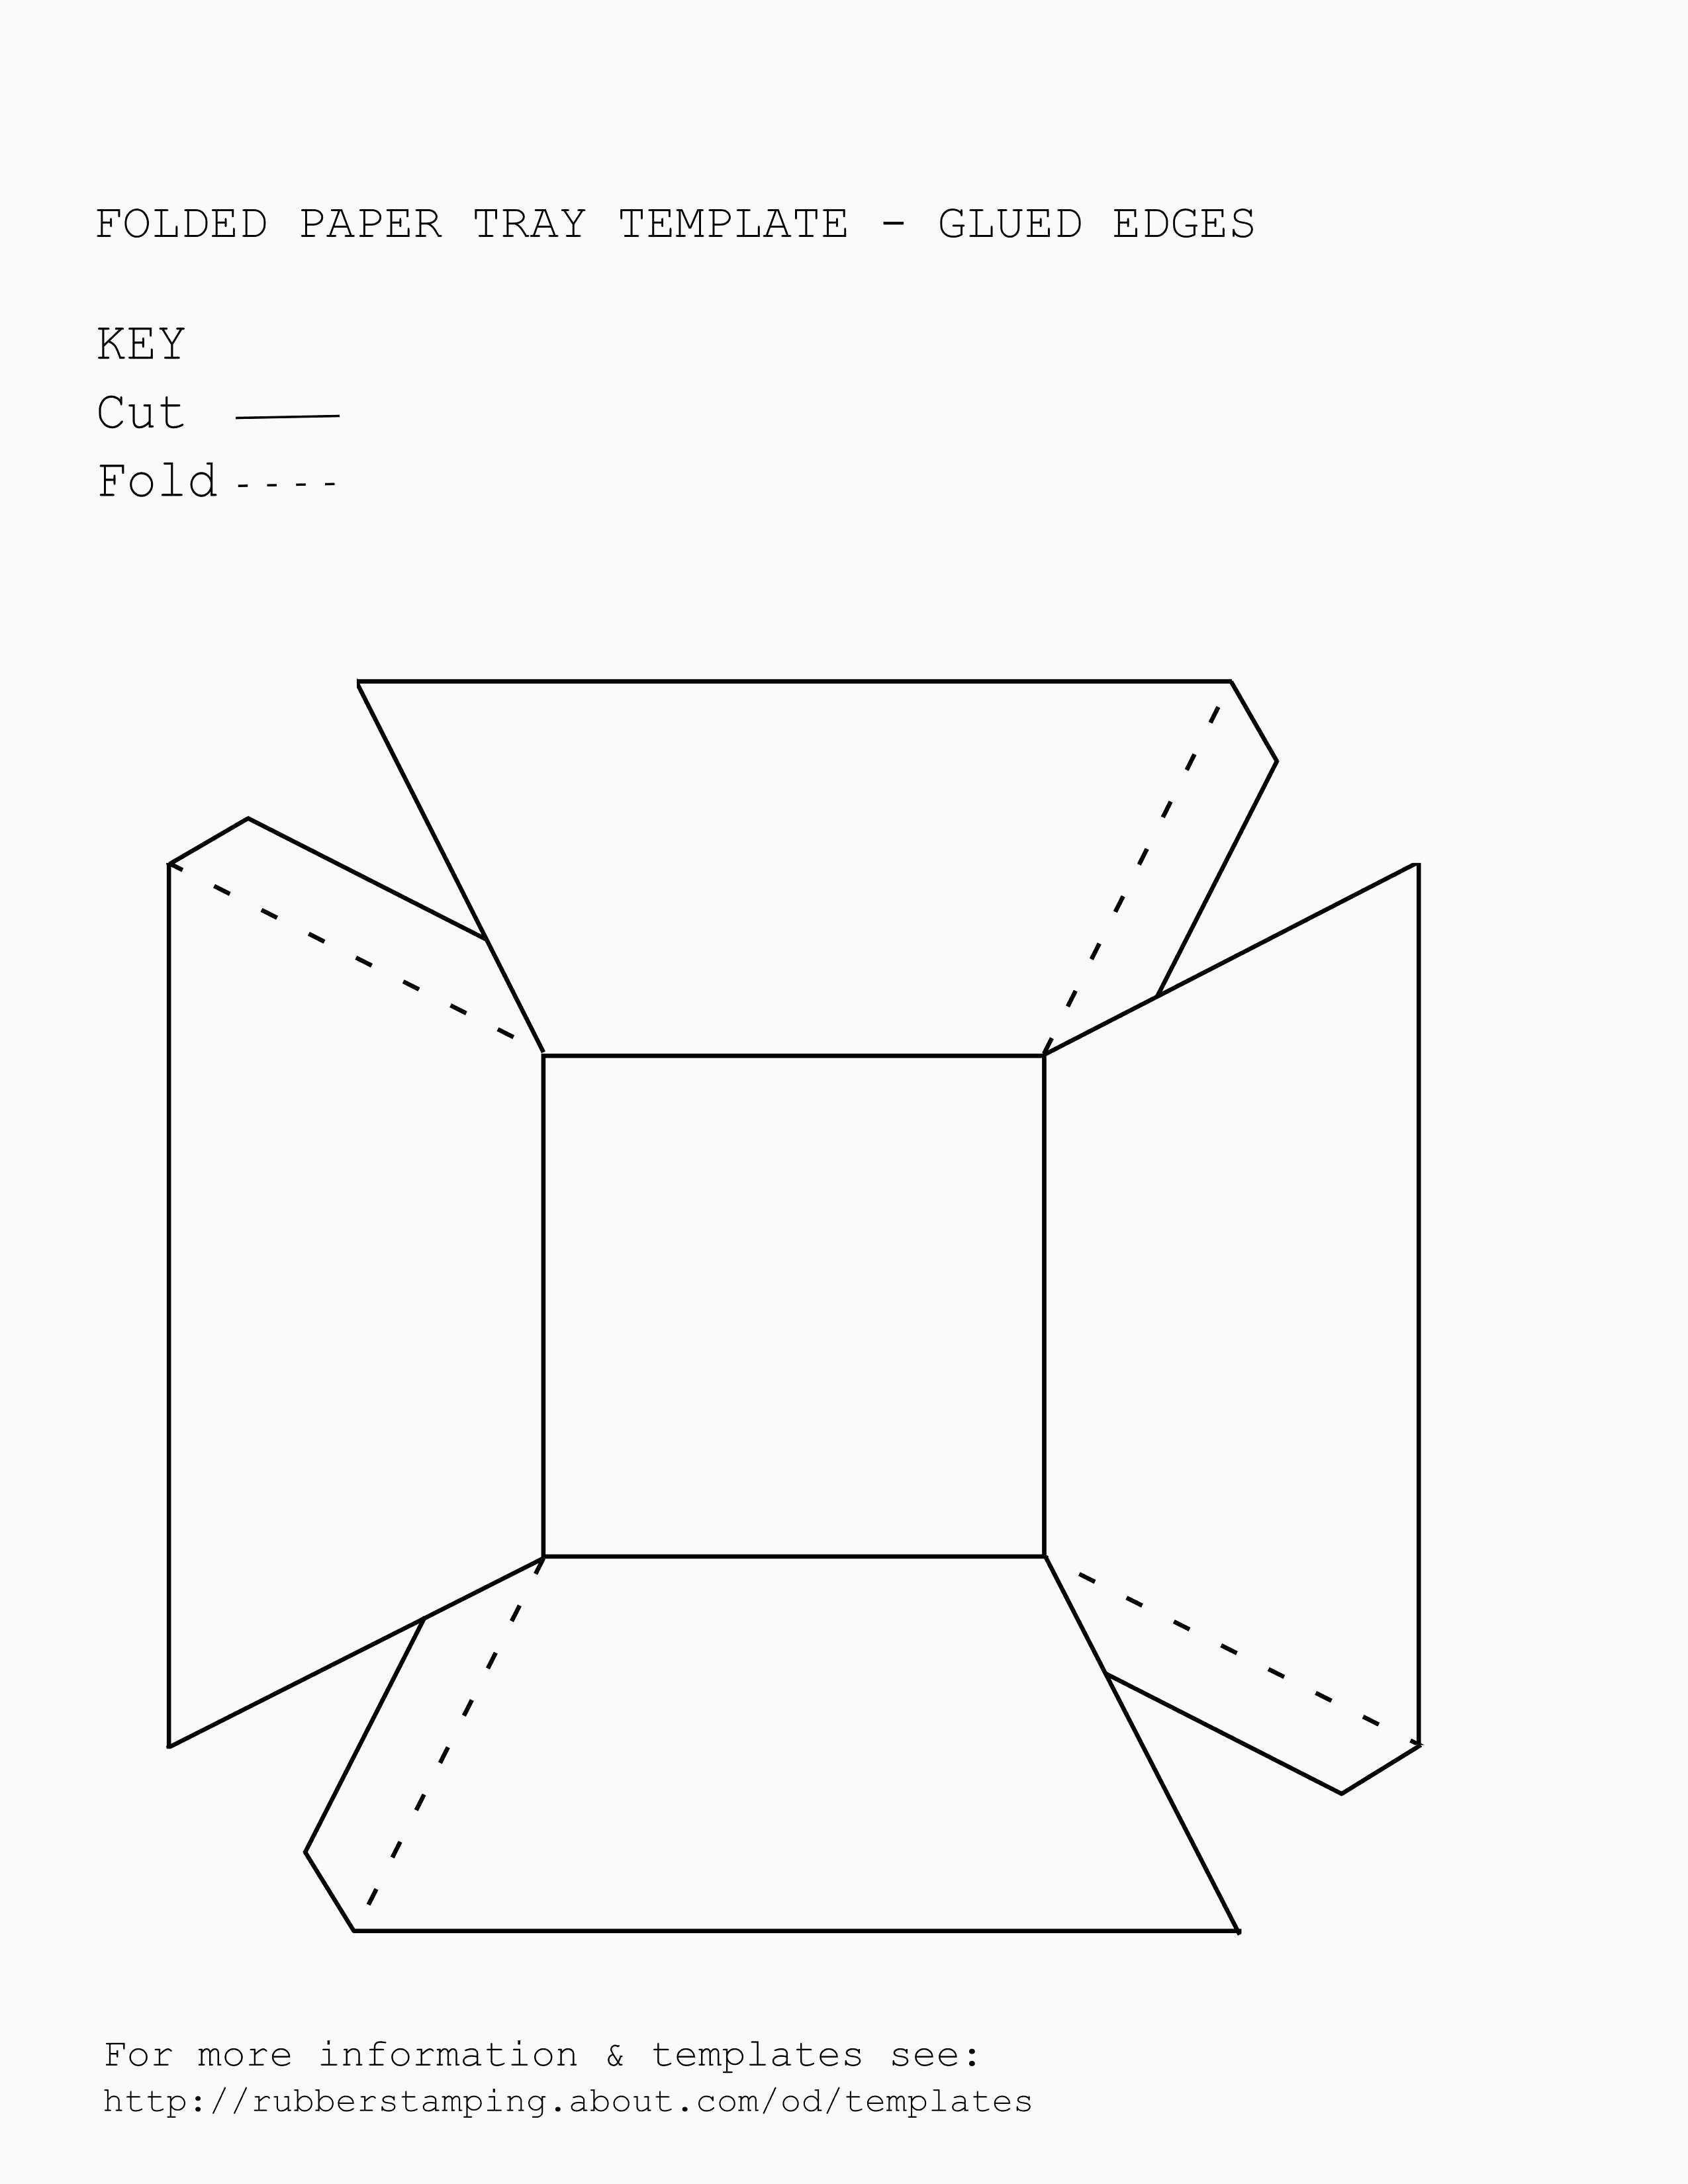 Ausmalbilder Prinzessin Ausdrucken Inspirierend Buchstaben Malvorlage 3d Zeichnen Lernen Kostenlos Leicht X8d1 Das Bild